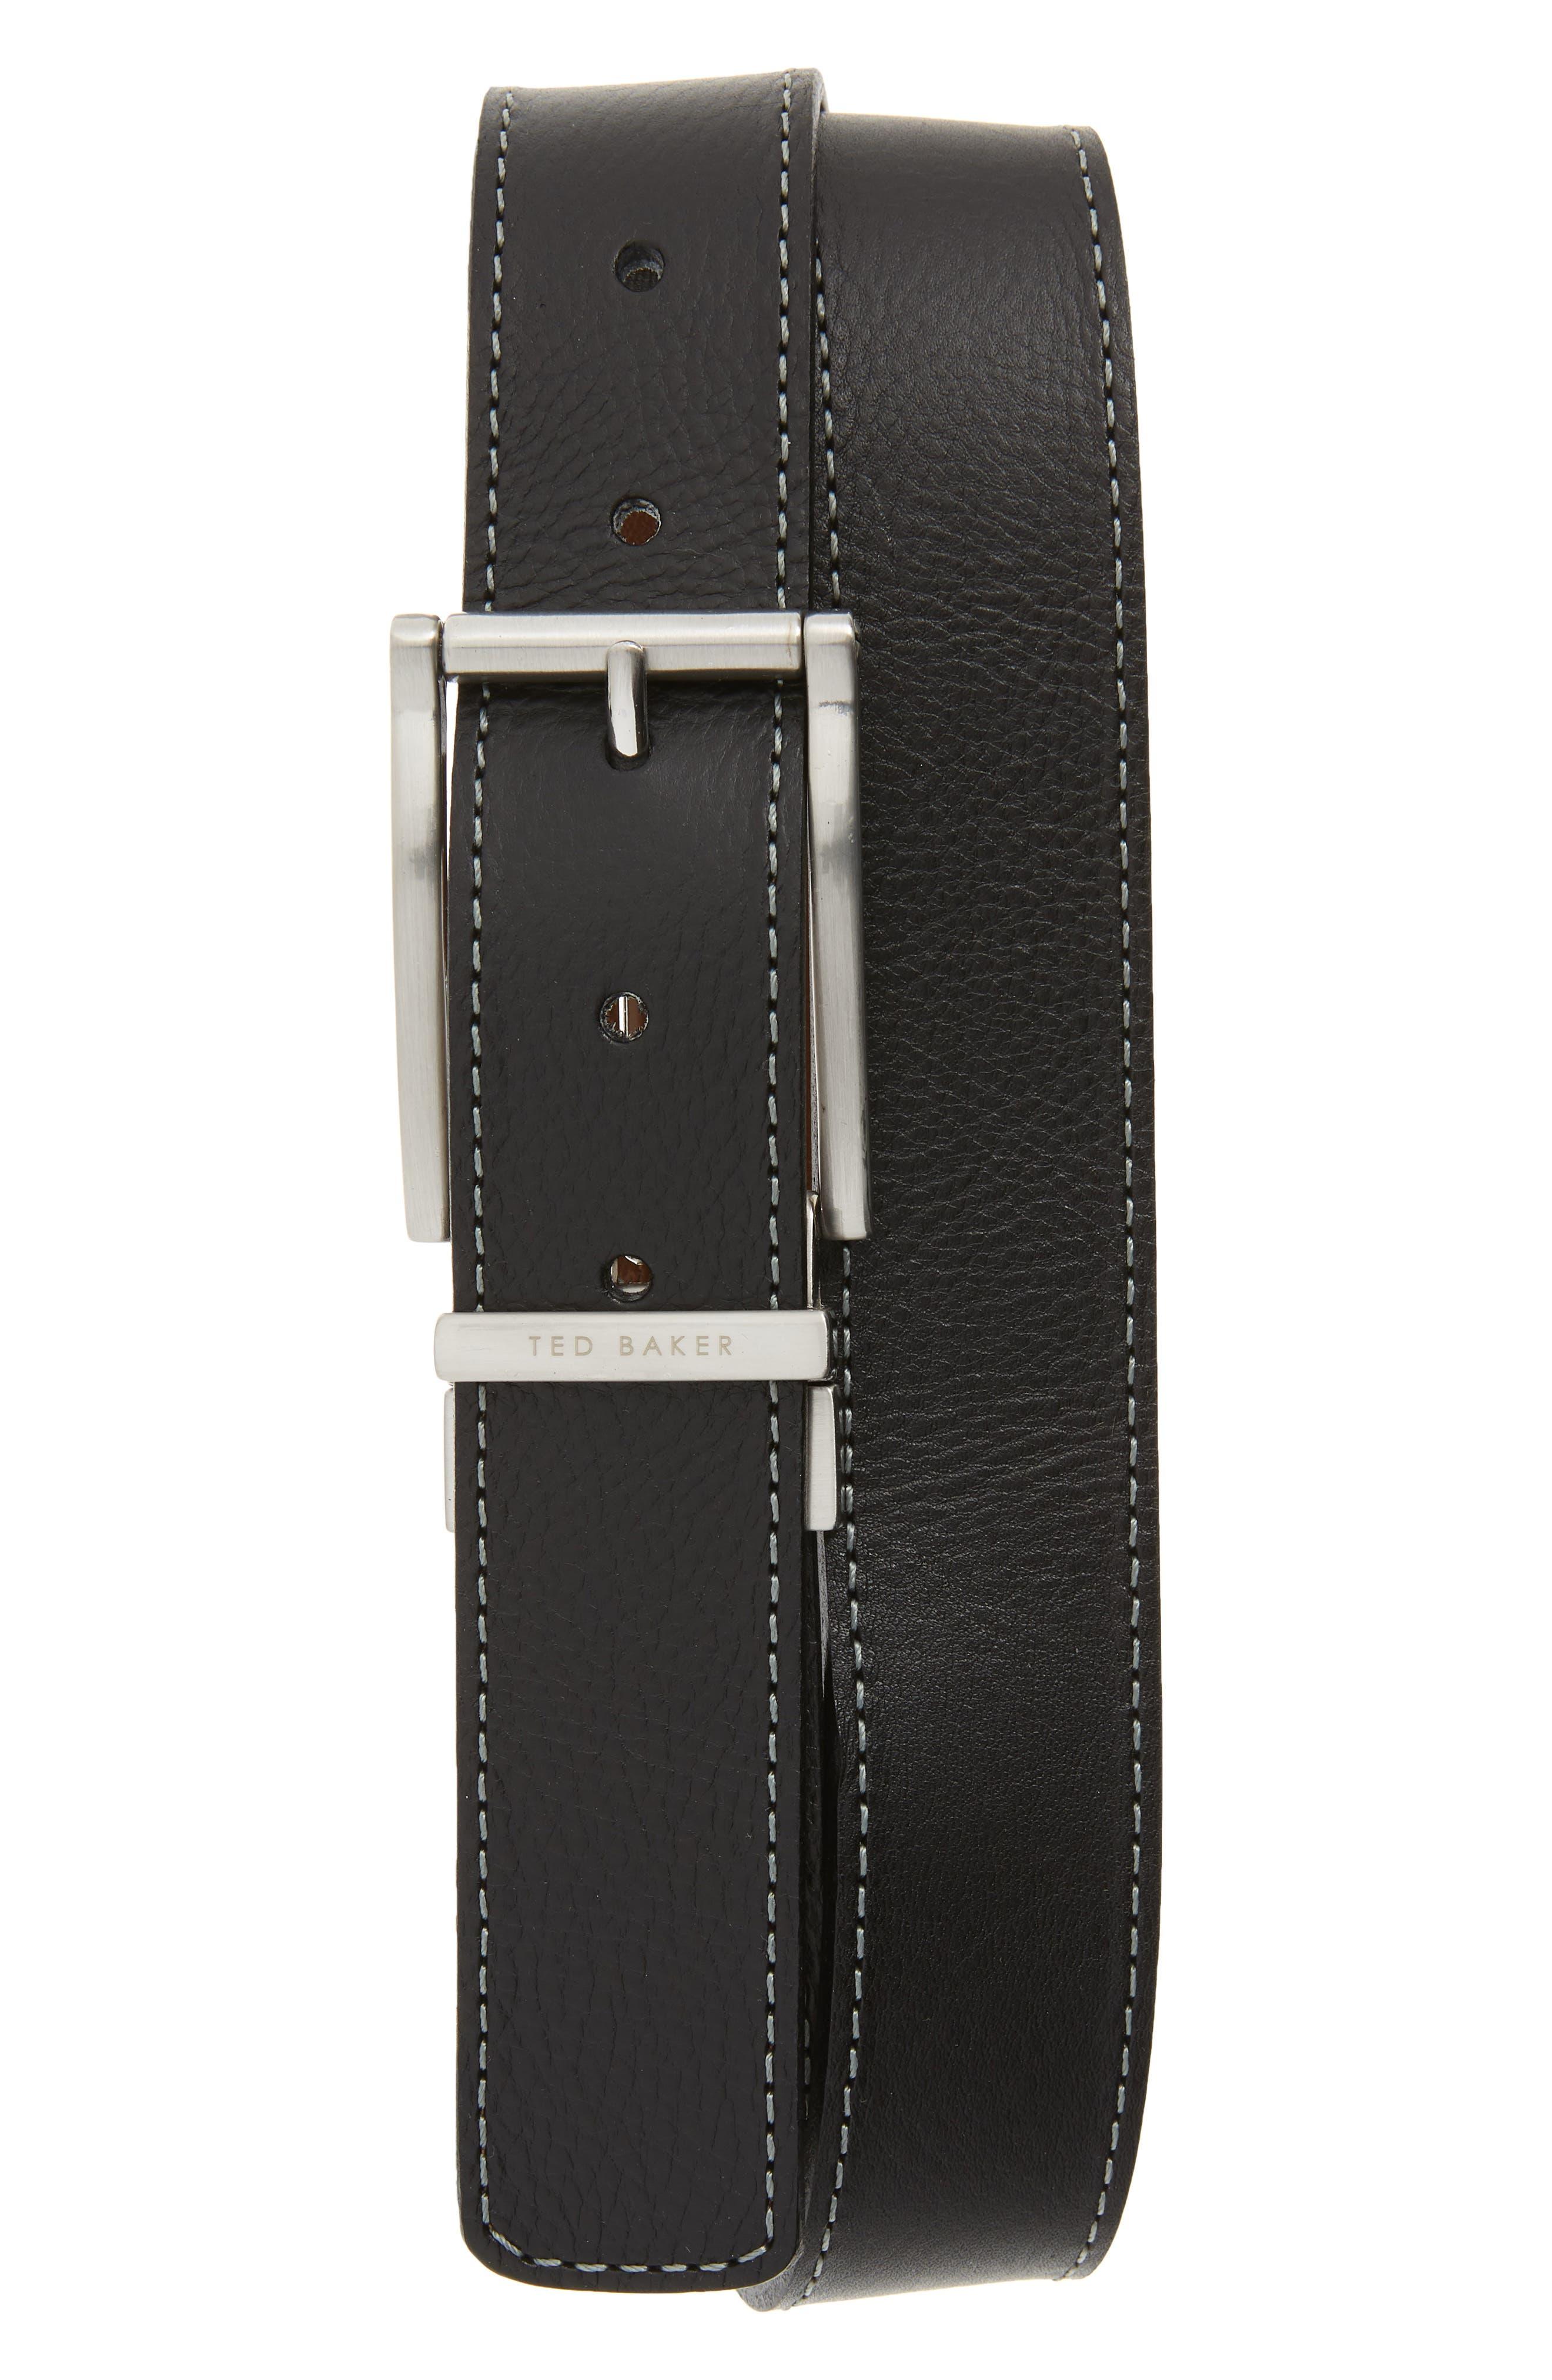 Ted Baker London Bream Reversible Belt, Black